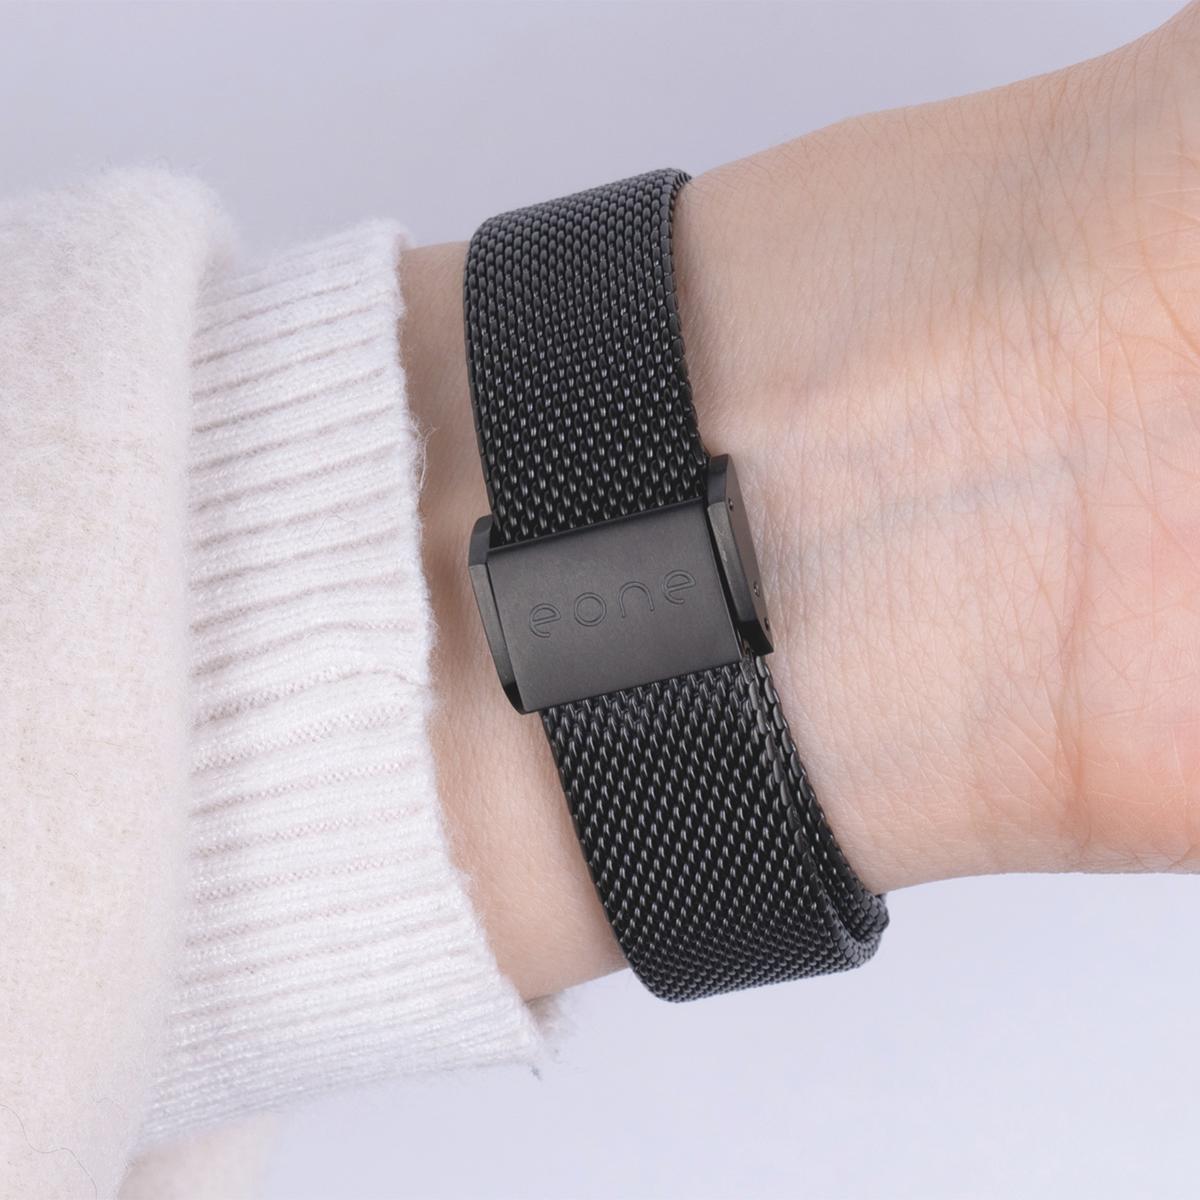 イージーレバーを採用し、着脱と一緒にサイズ調節もできる。腕元におさまるコンパクトな文字盤、軽やかな装着感のメッシュバンド。触って時間を知る「腕時計」| EONE